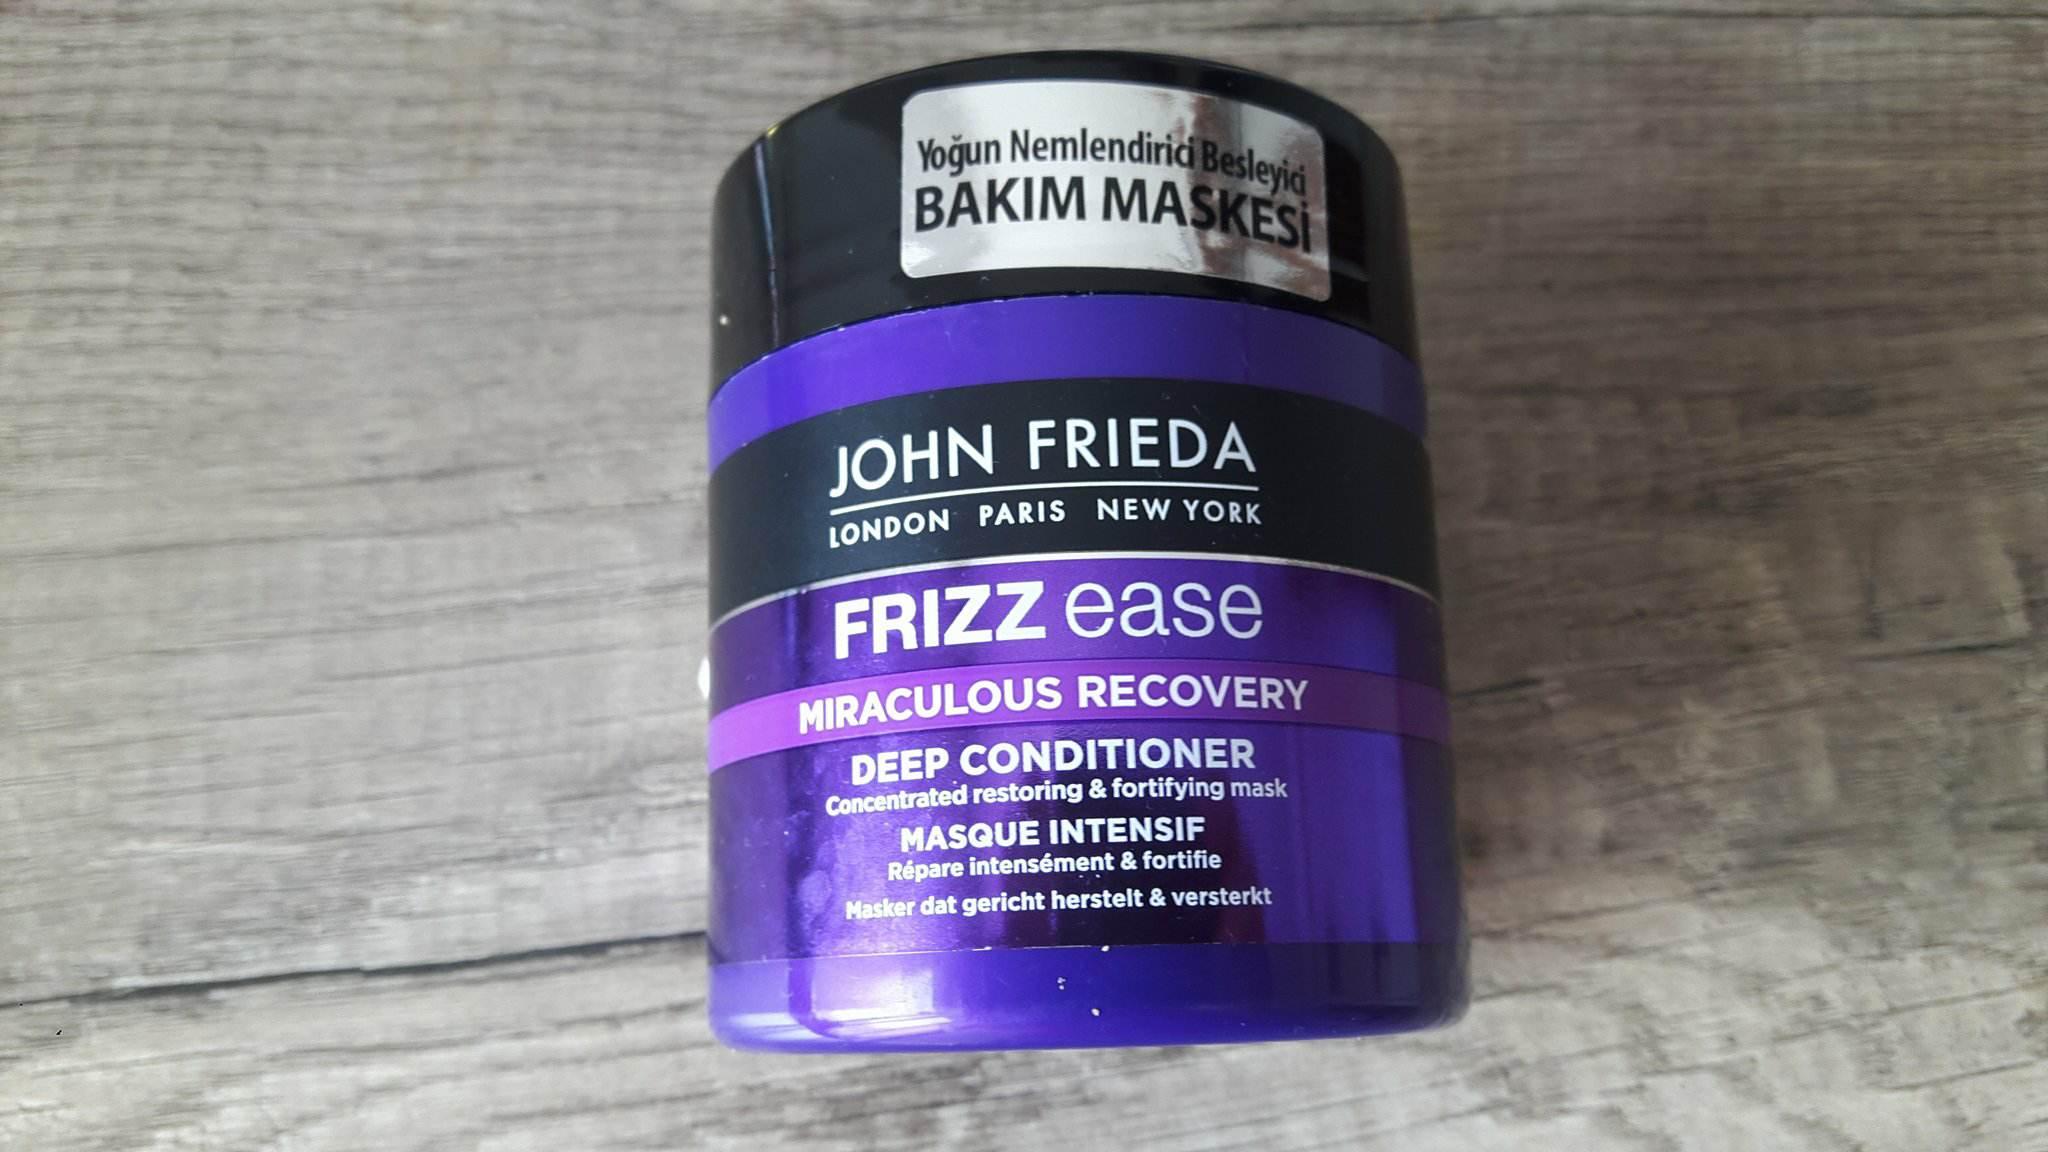 John Frieda Frizz Ease Yoğun Nemlendirici Besleyici Bakım Maskesi Kullanıcı Yorumları